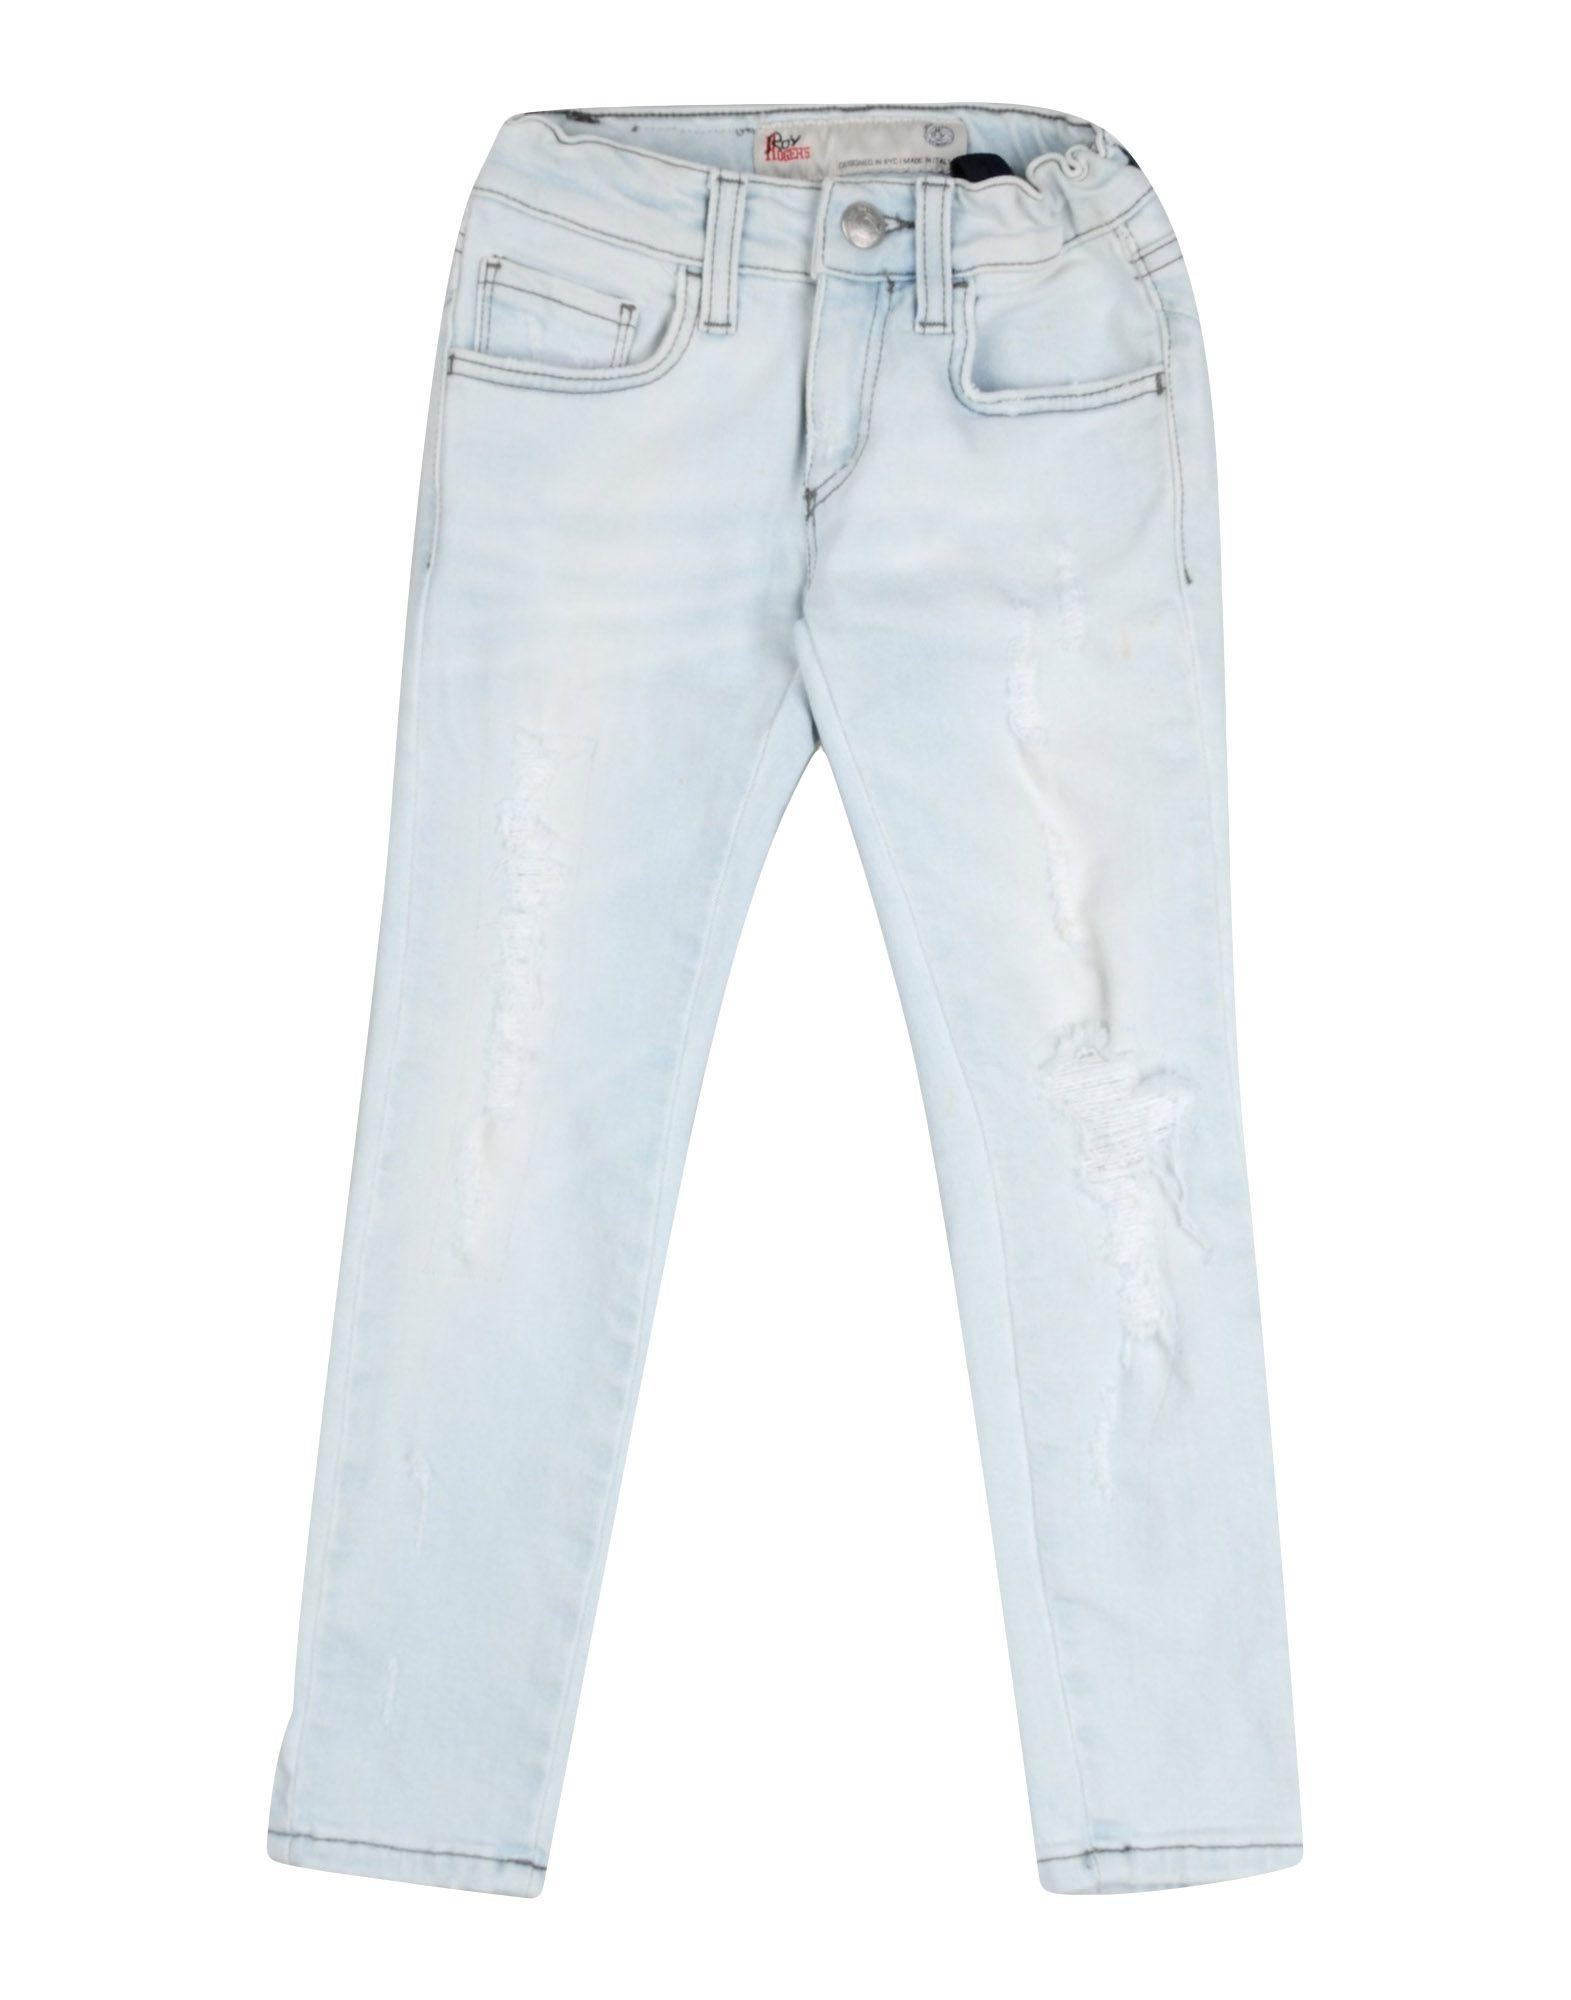 ROŸ ROGER'S Джинсовые брюки брюки текстильные джинсовые для девочек 110 362011 синий деним ean 4690244736511